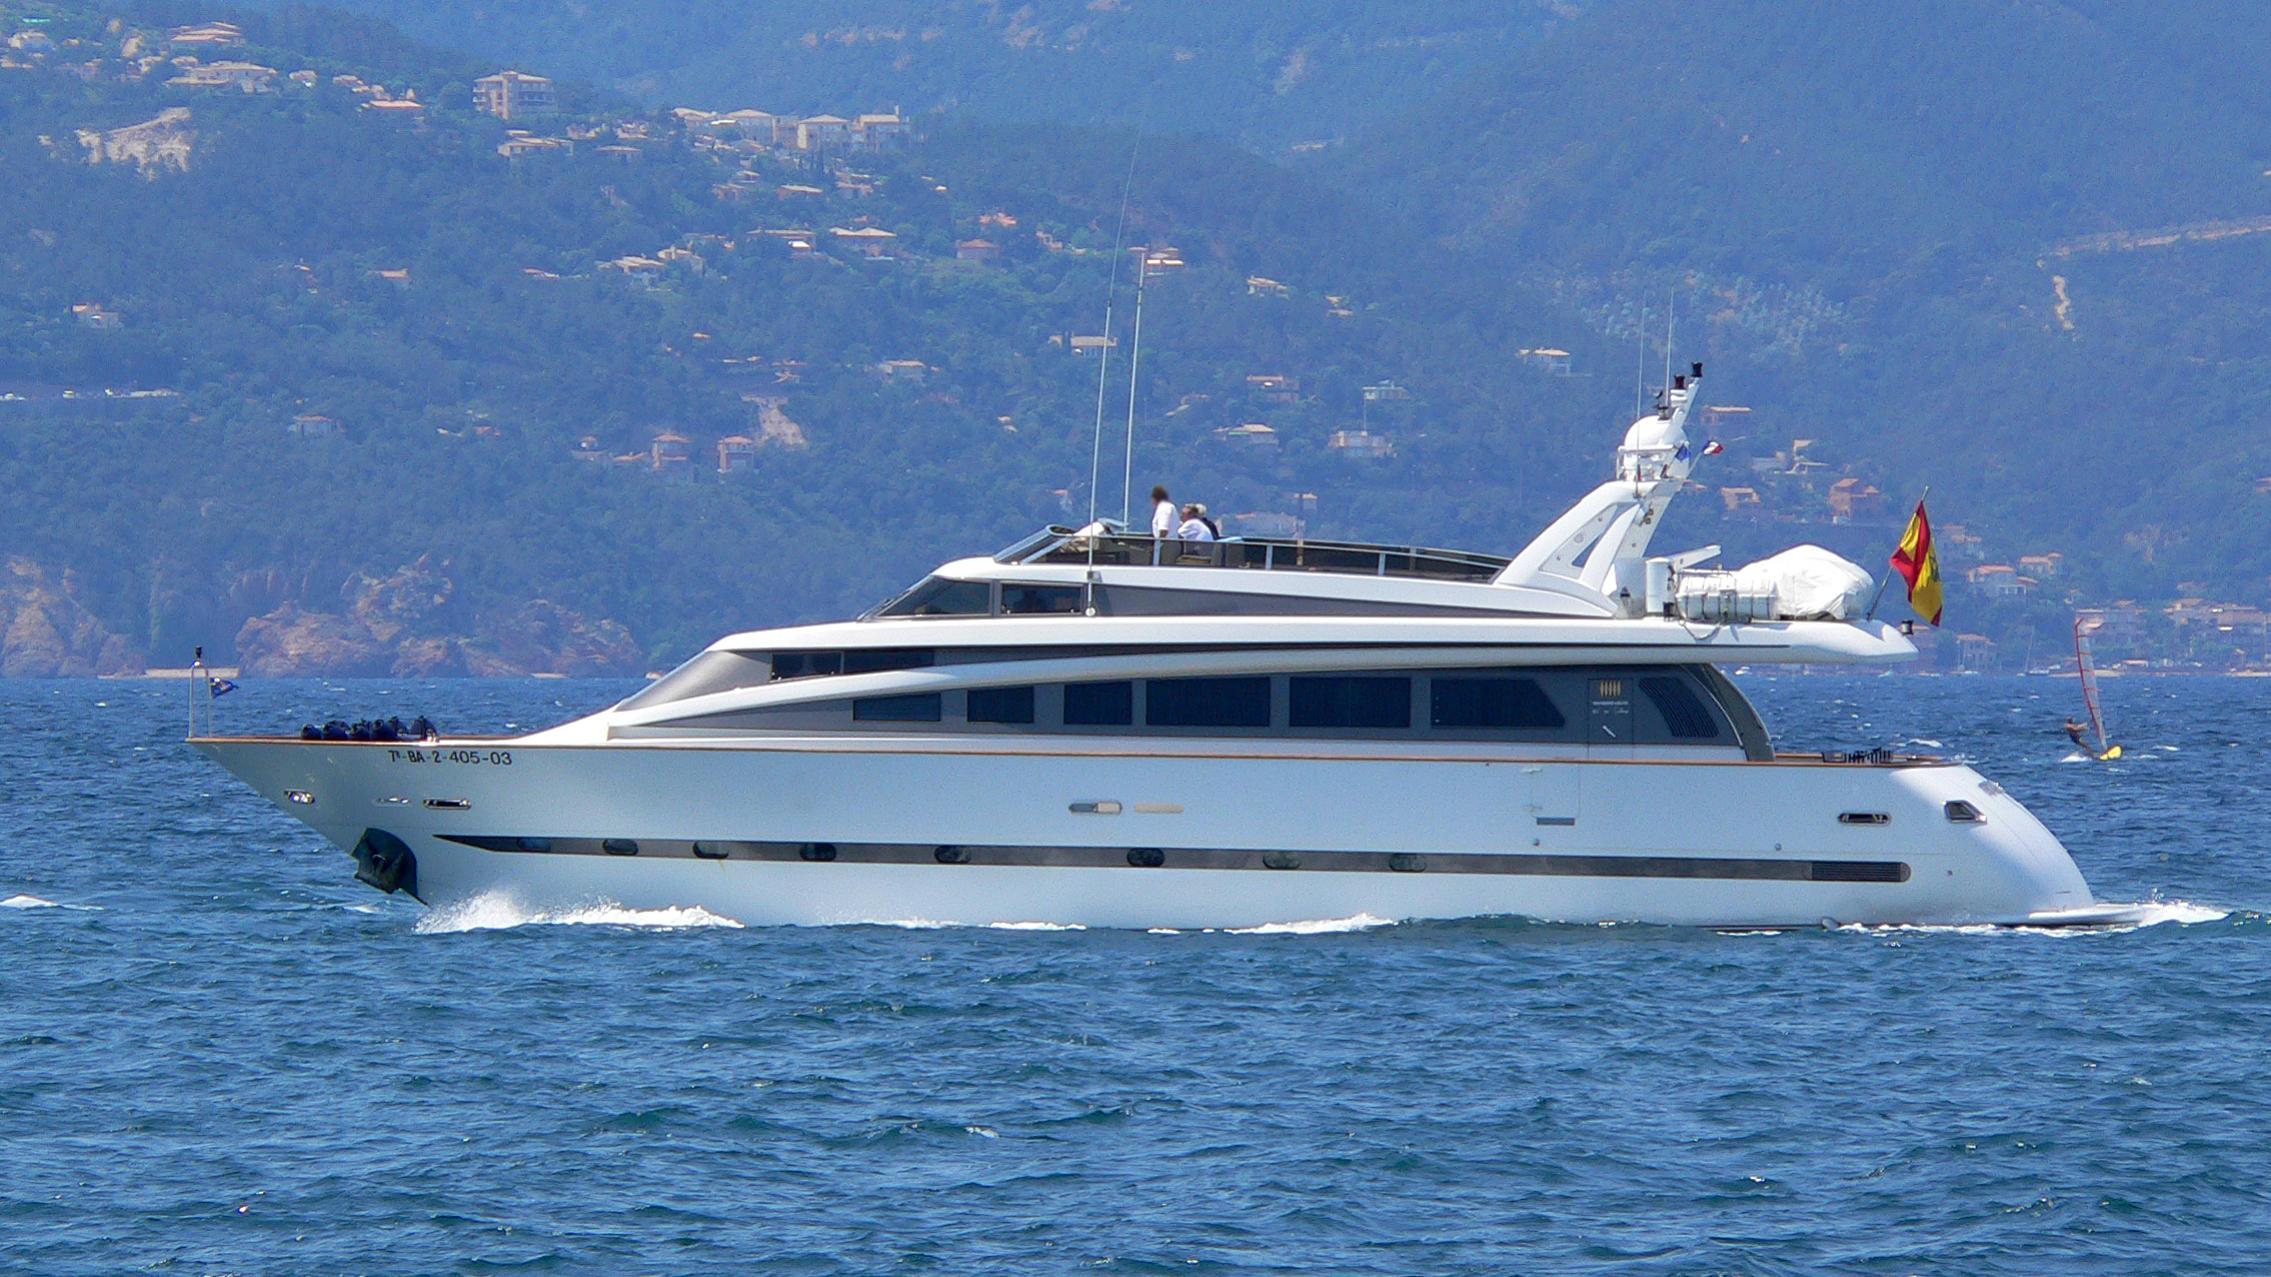 petardo-c-yacht-exterior